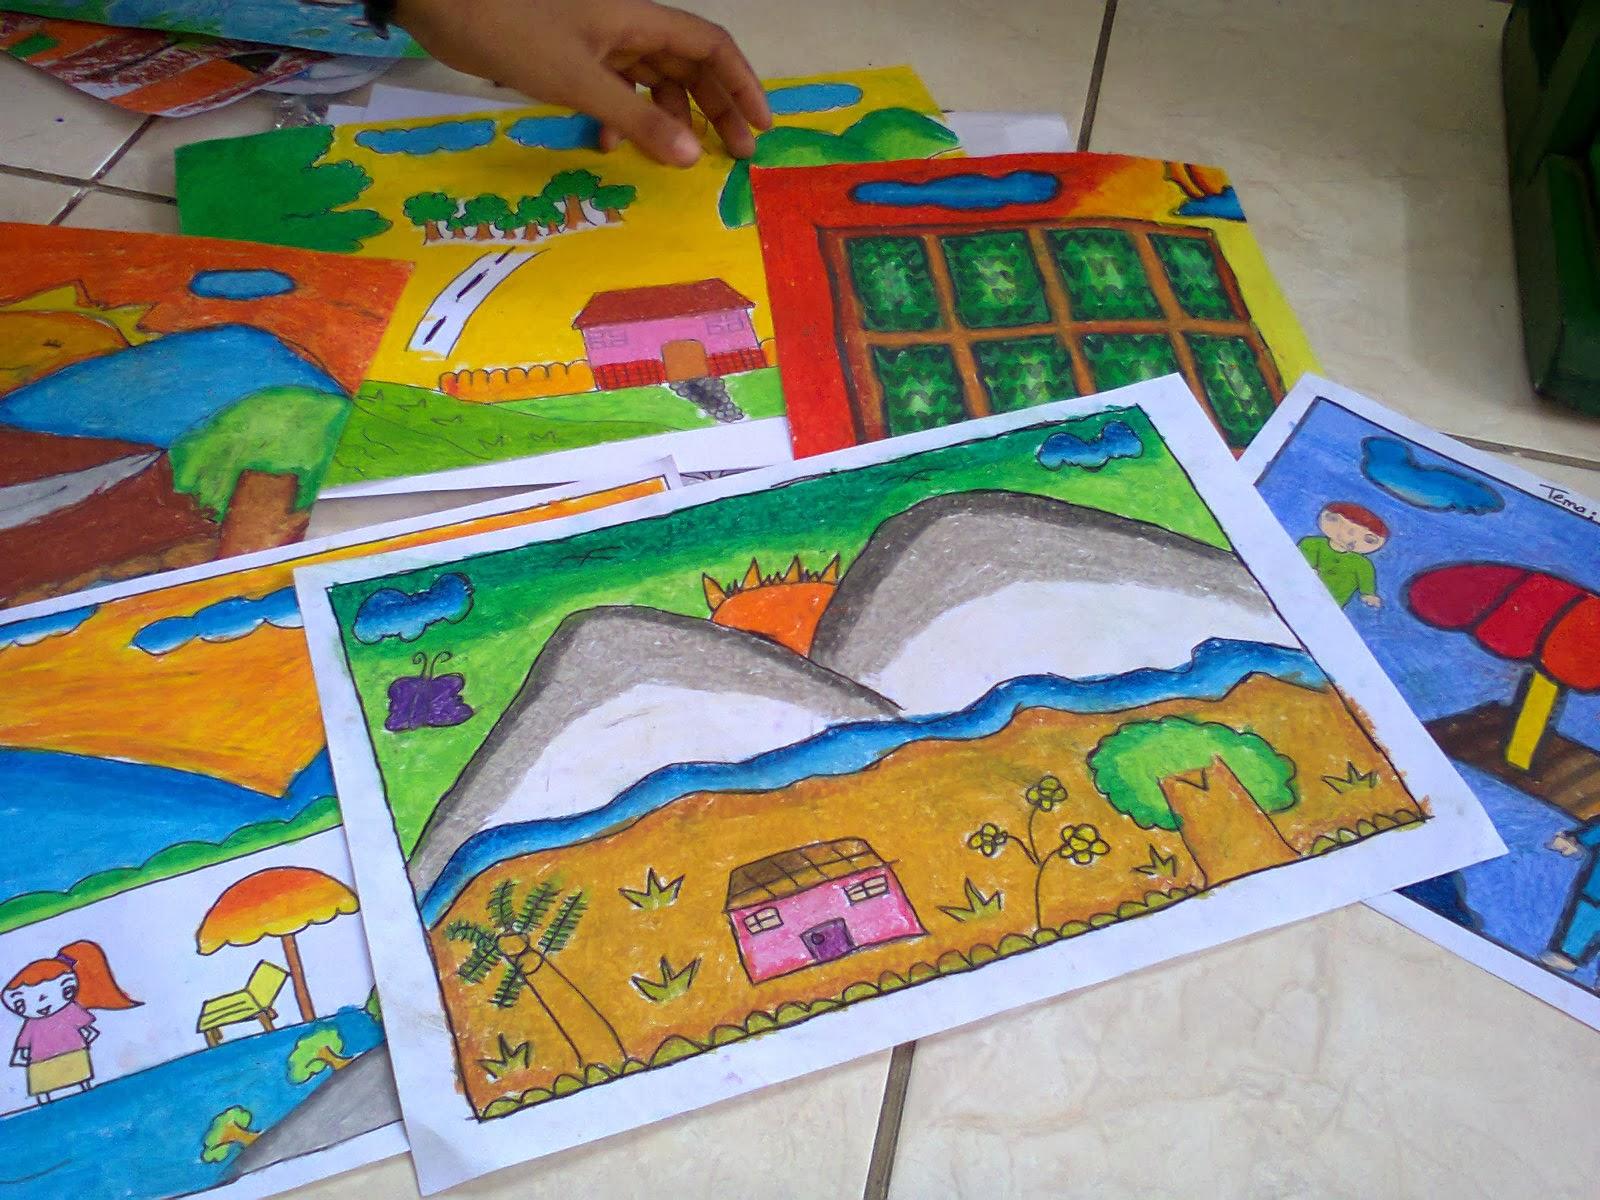 Berhubung si penulis koordinator lomba menggambar jadi ya ini nih hasil dari santri santri TPA Al Falaah Mrican Yogyakarta